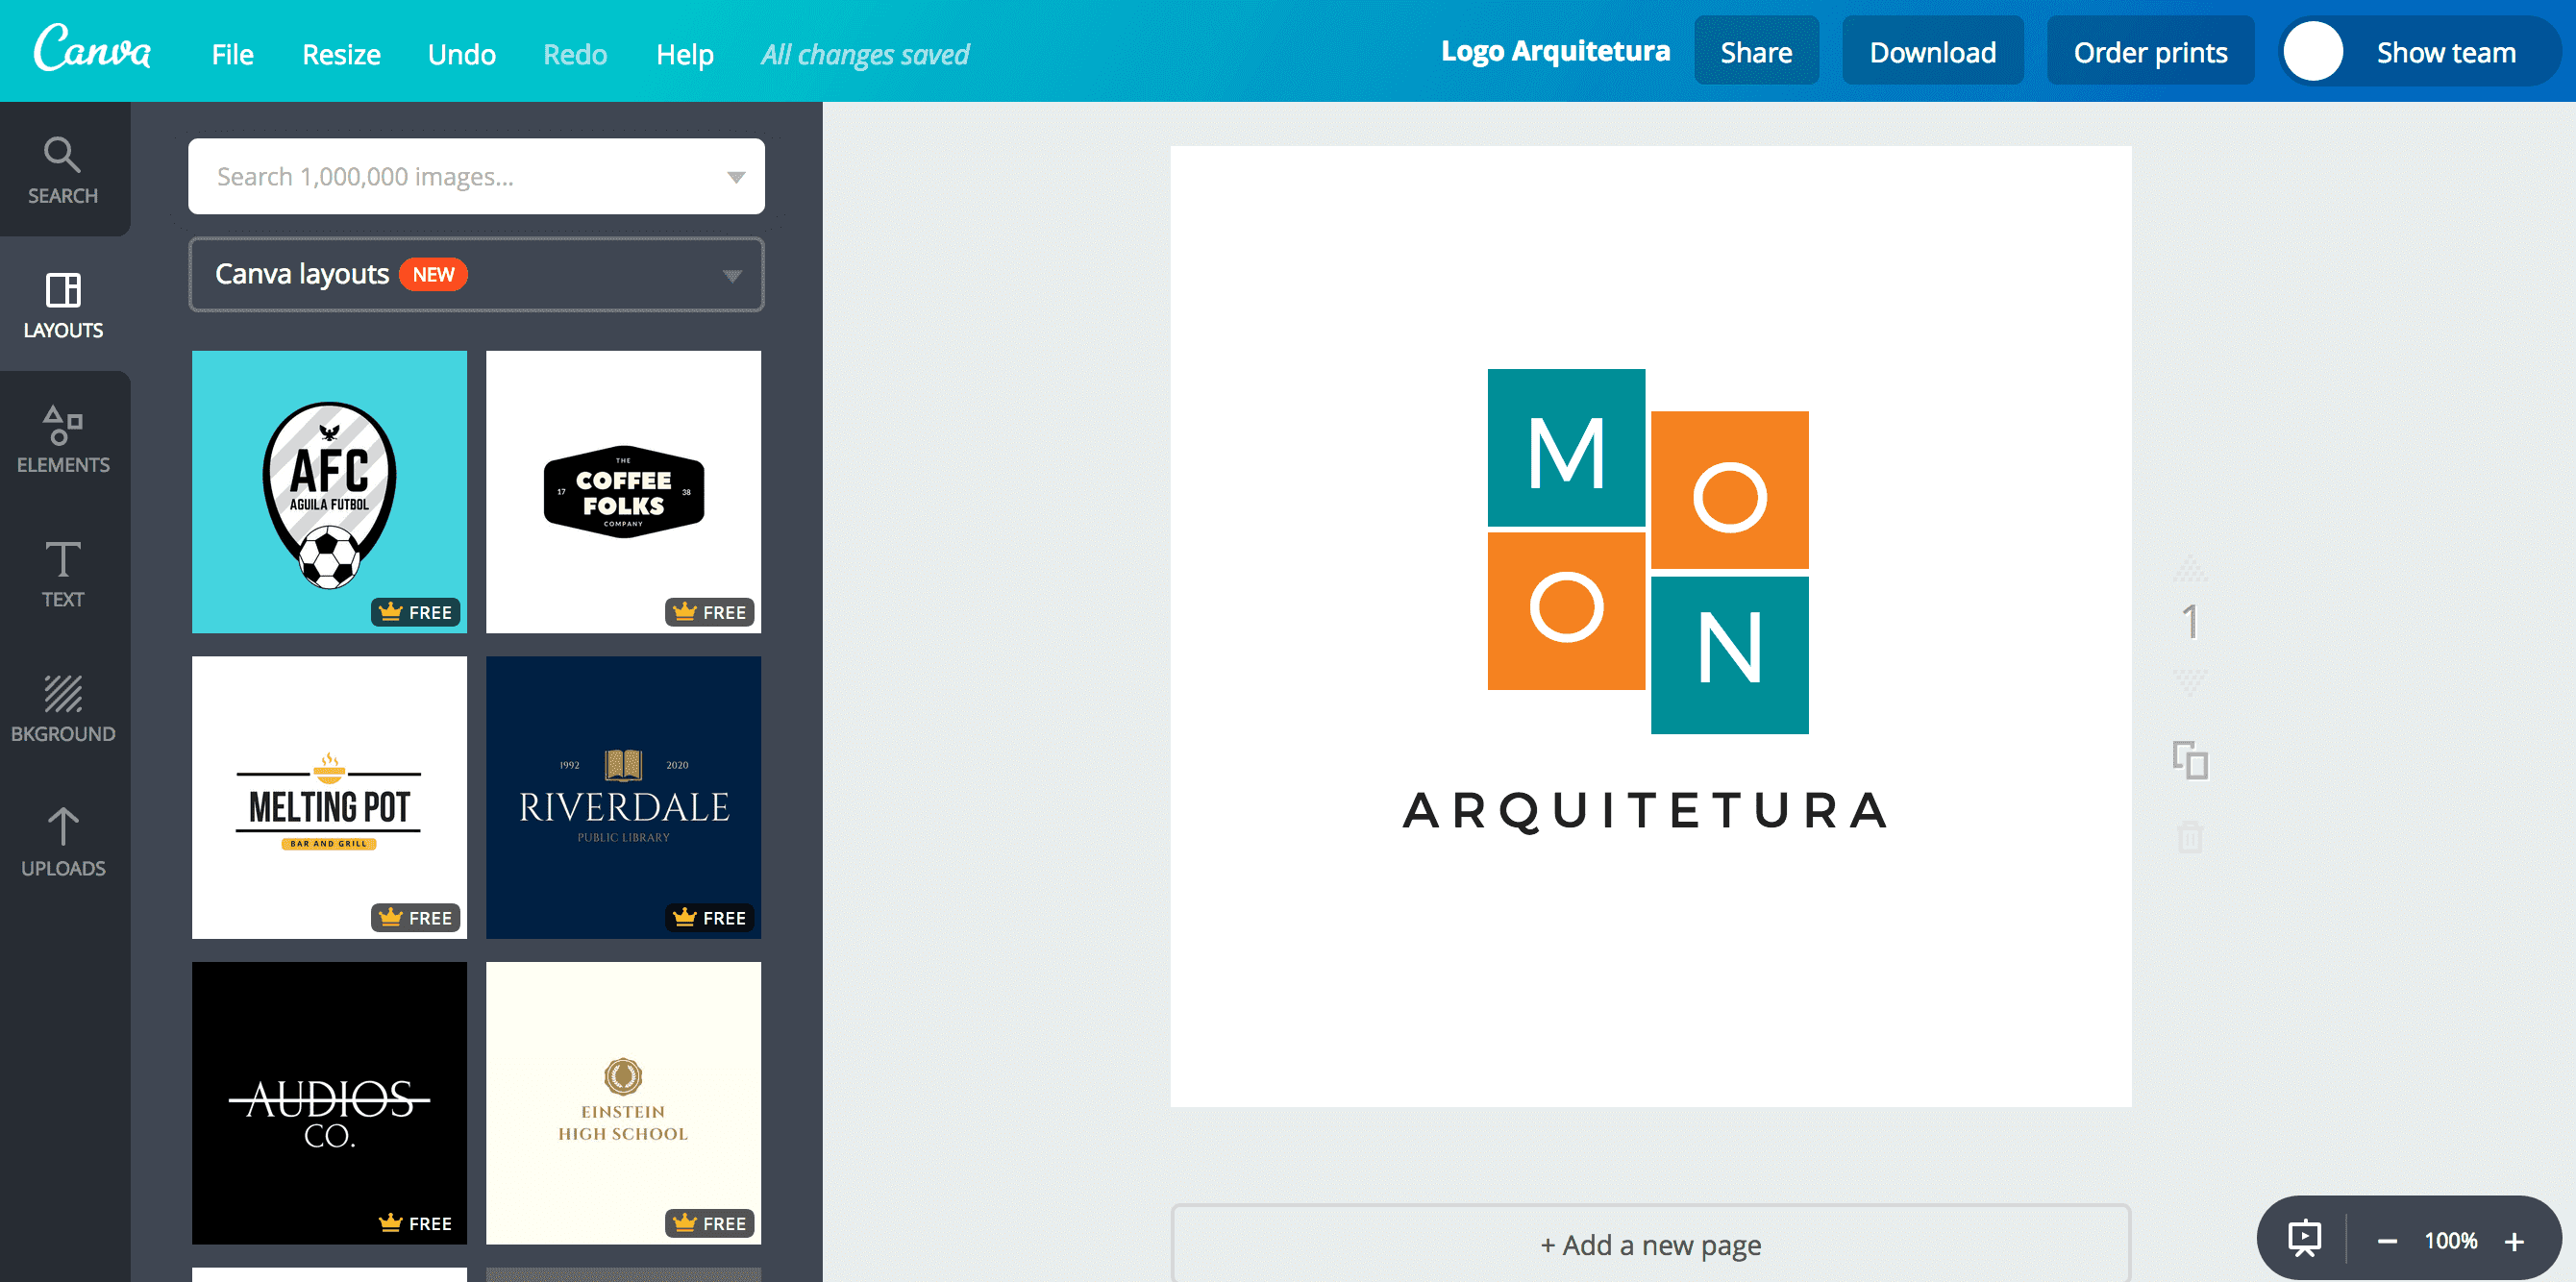 Logo de arquitetura